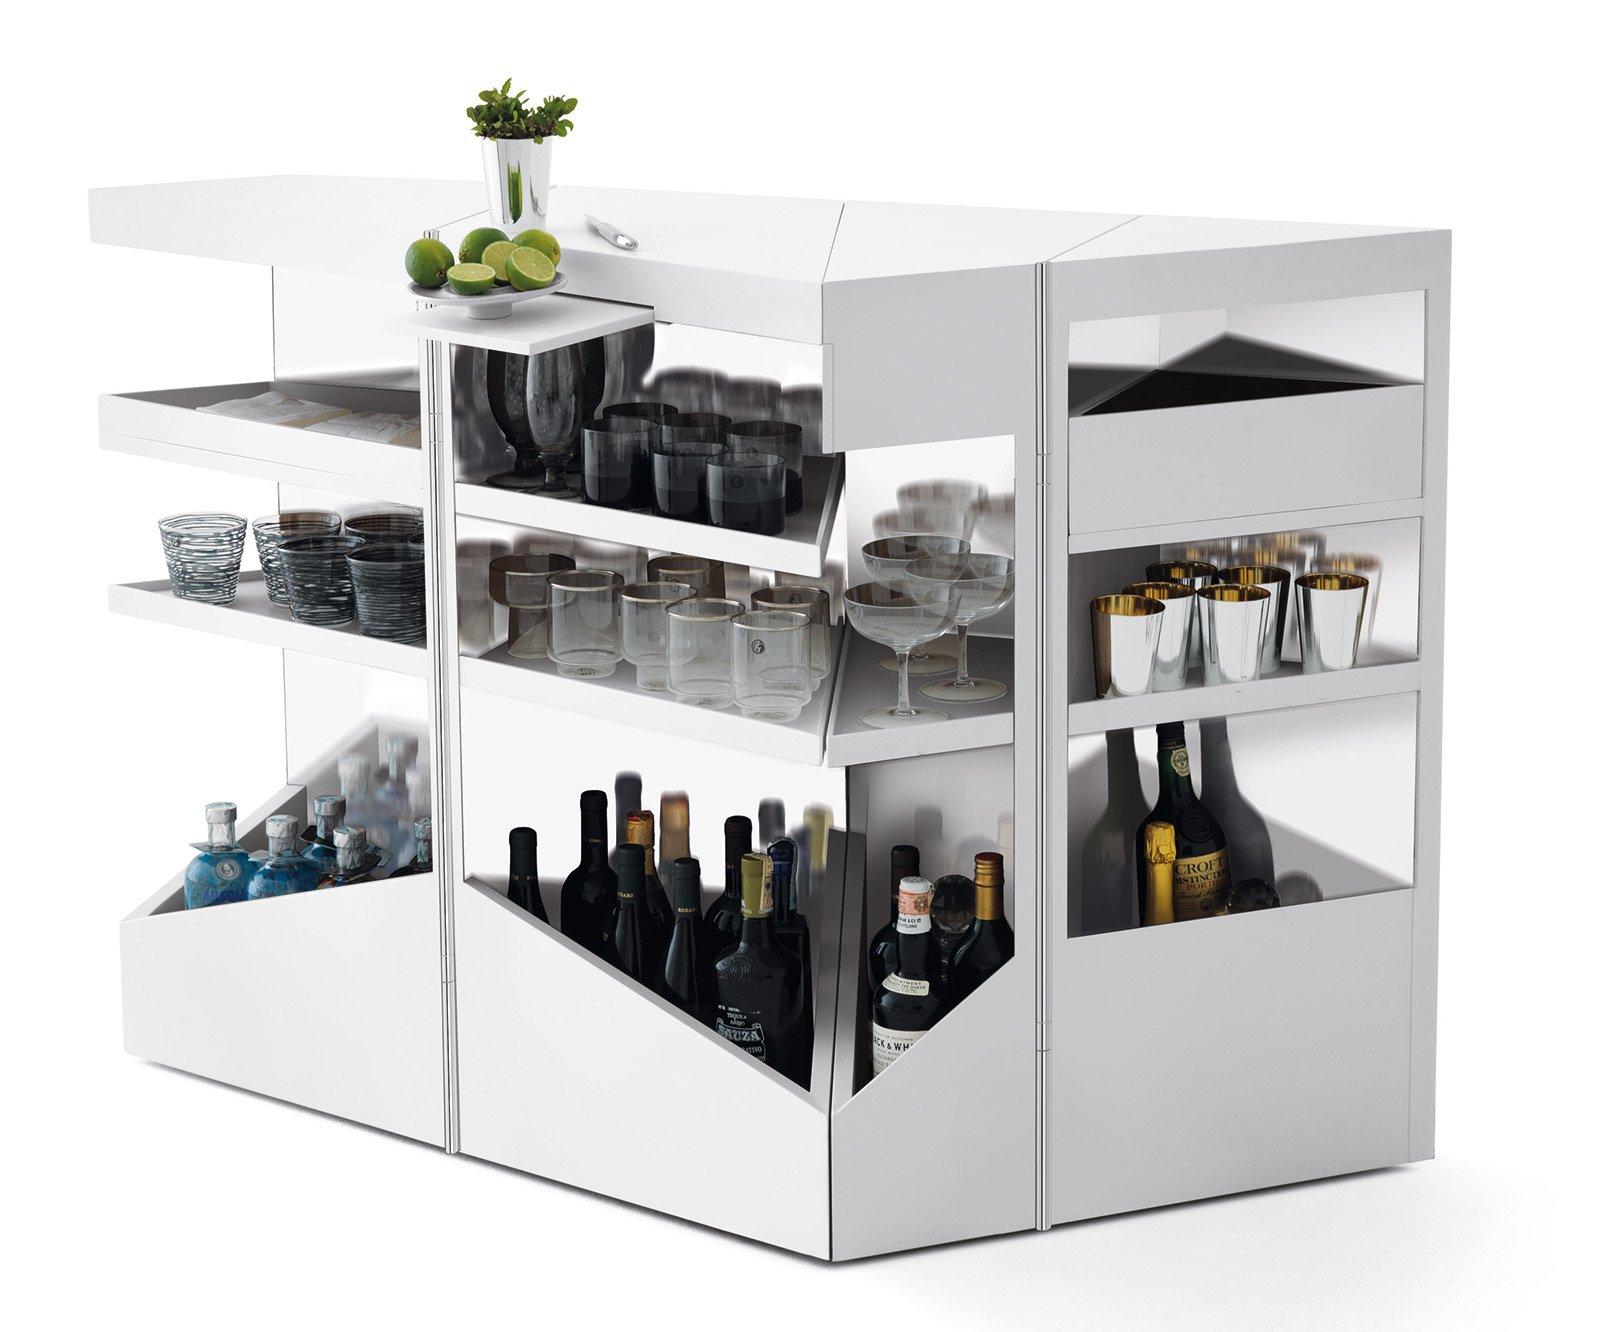 Mobile bar a casa per brindare e fare festa con amici e for Mobile angolo